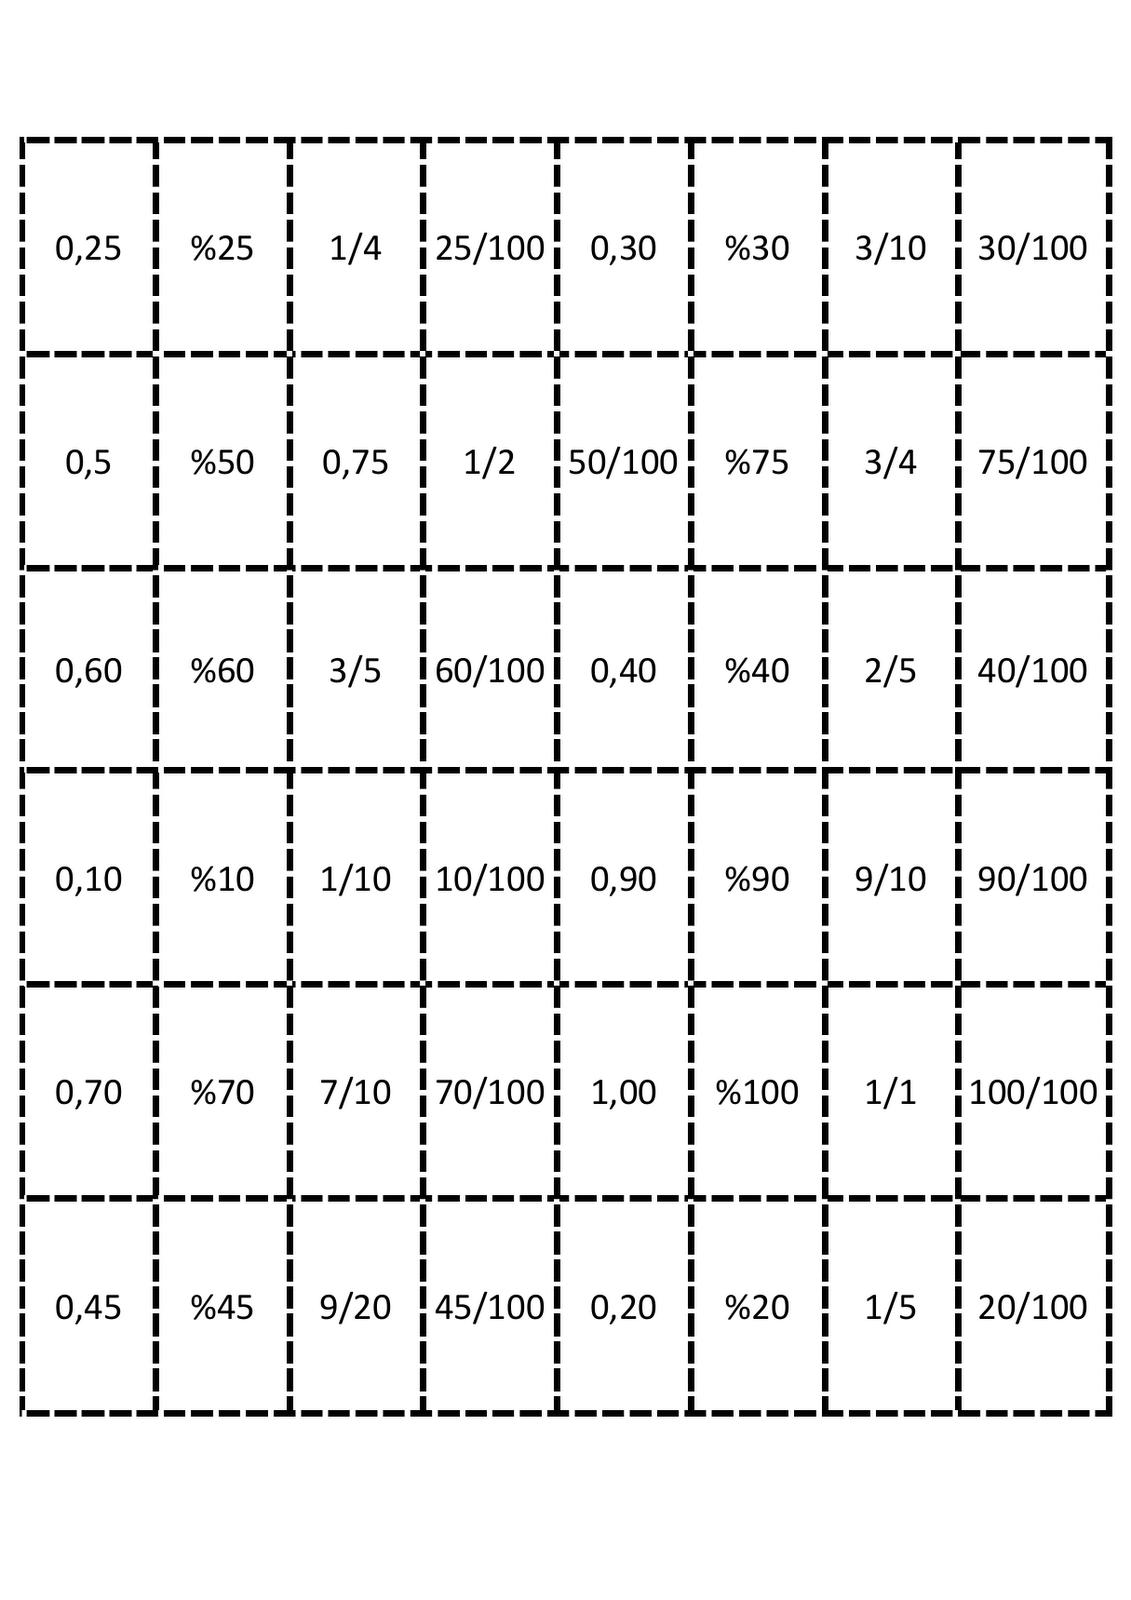 Matematik Etkinlikleri 5 Sinif Ile Ilgili Gorsel Sonucu